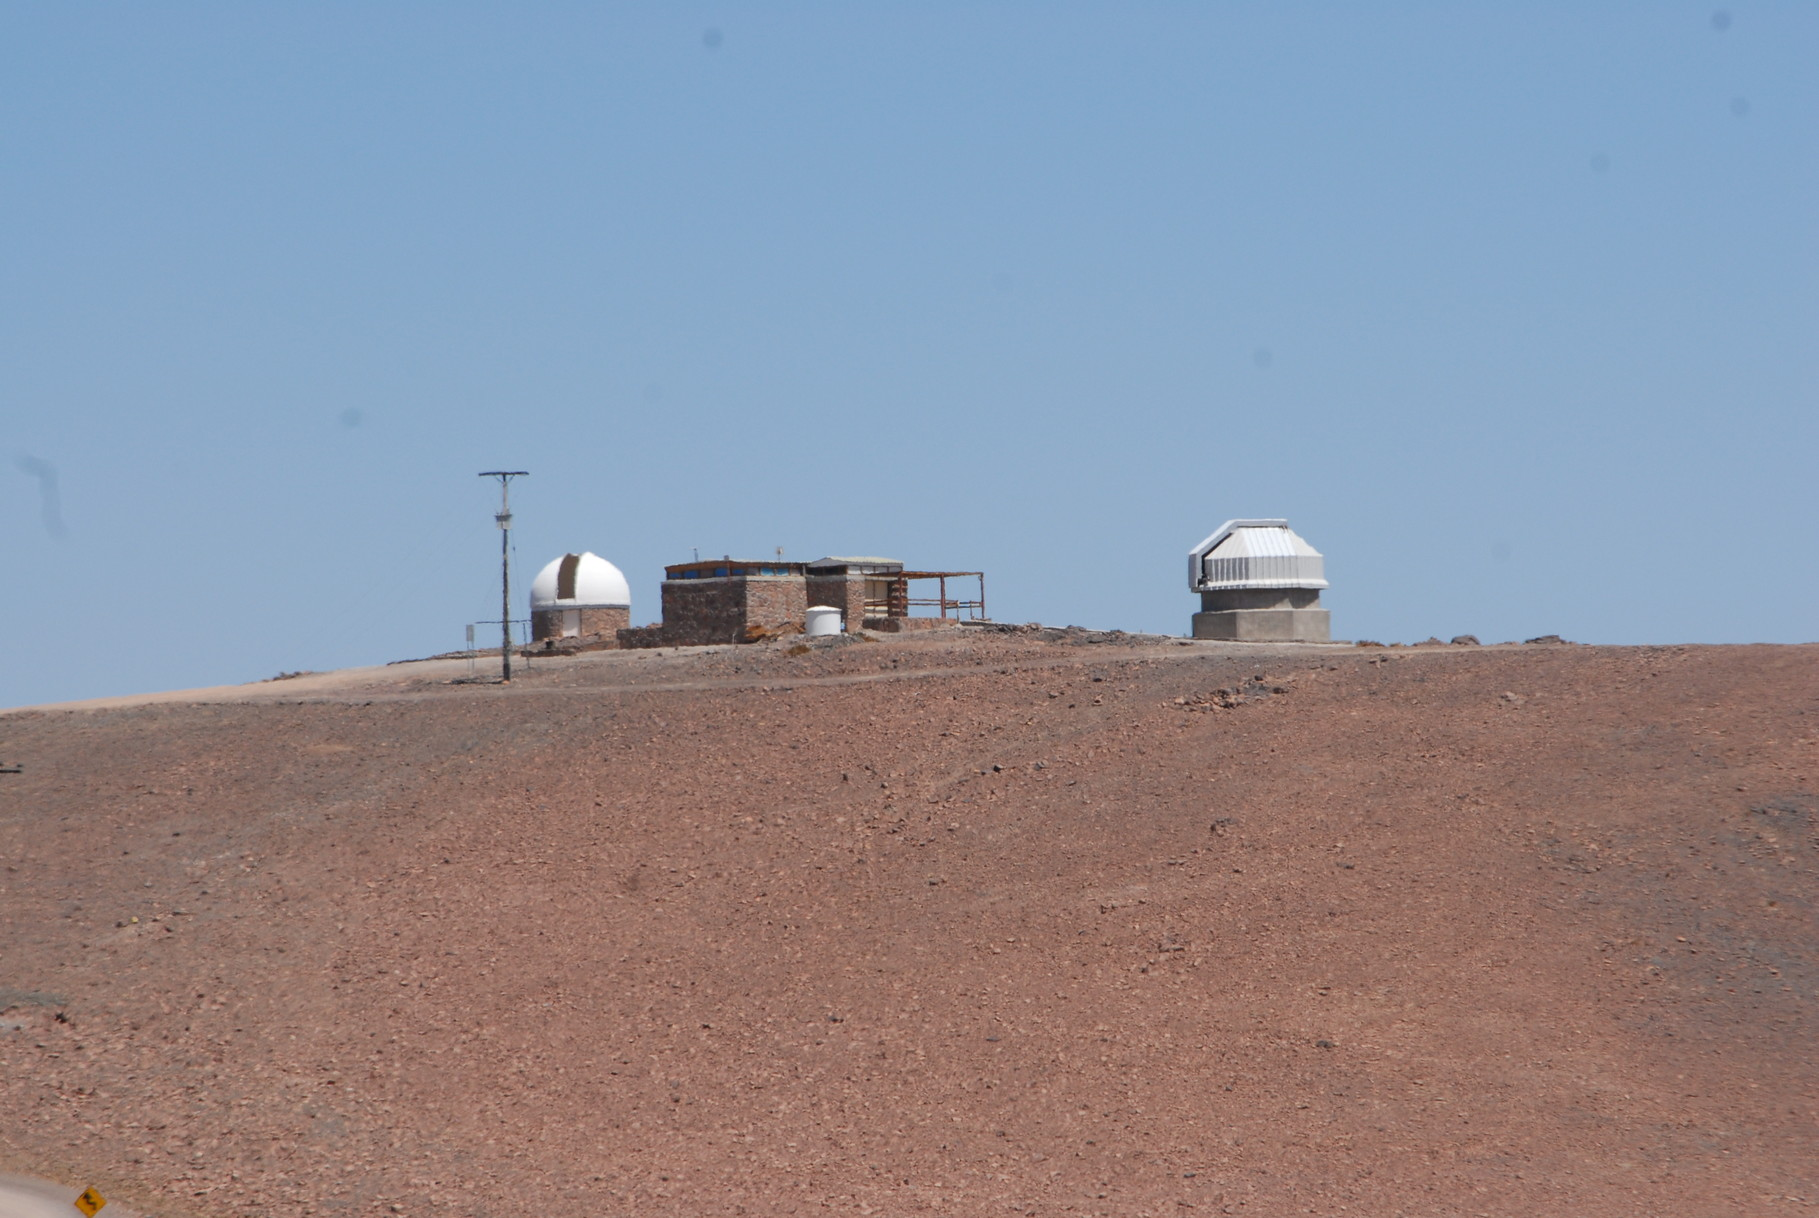 Ein kleines Observatorium